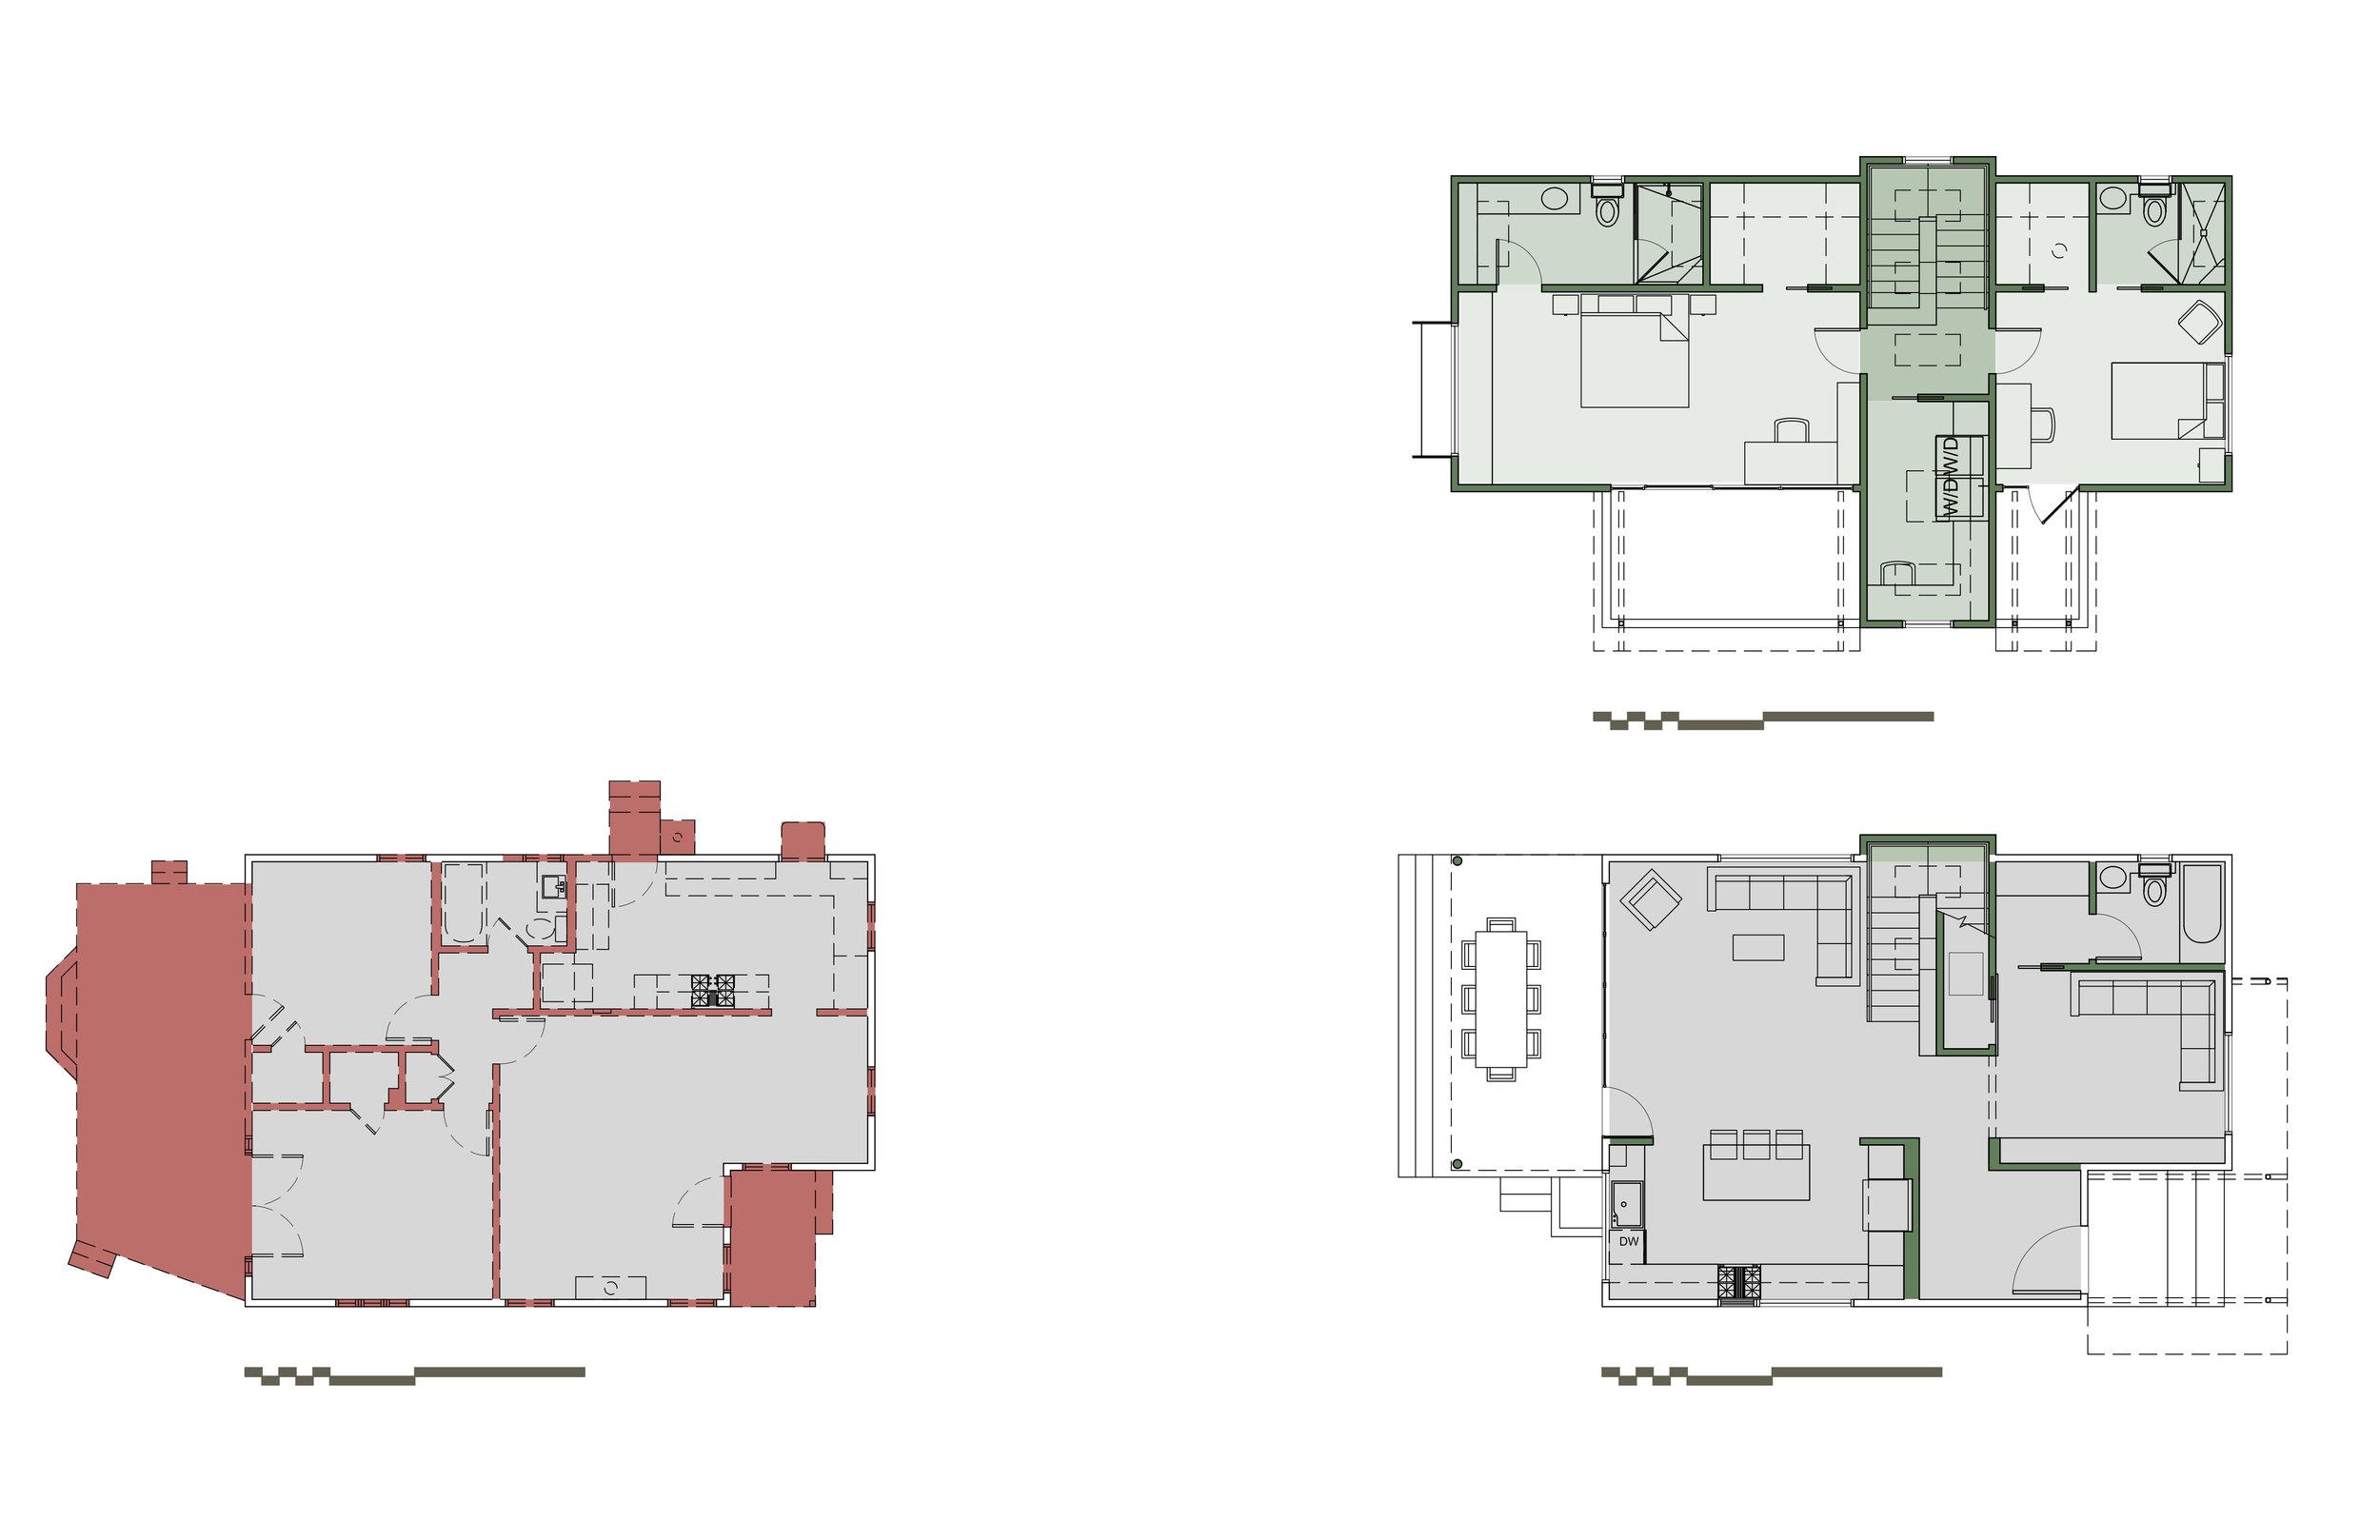 Demolition First Floor Plan (lower left), First Floor Plan (lower right), Second Floor Plan (upper right)